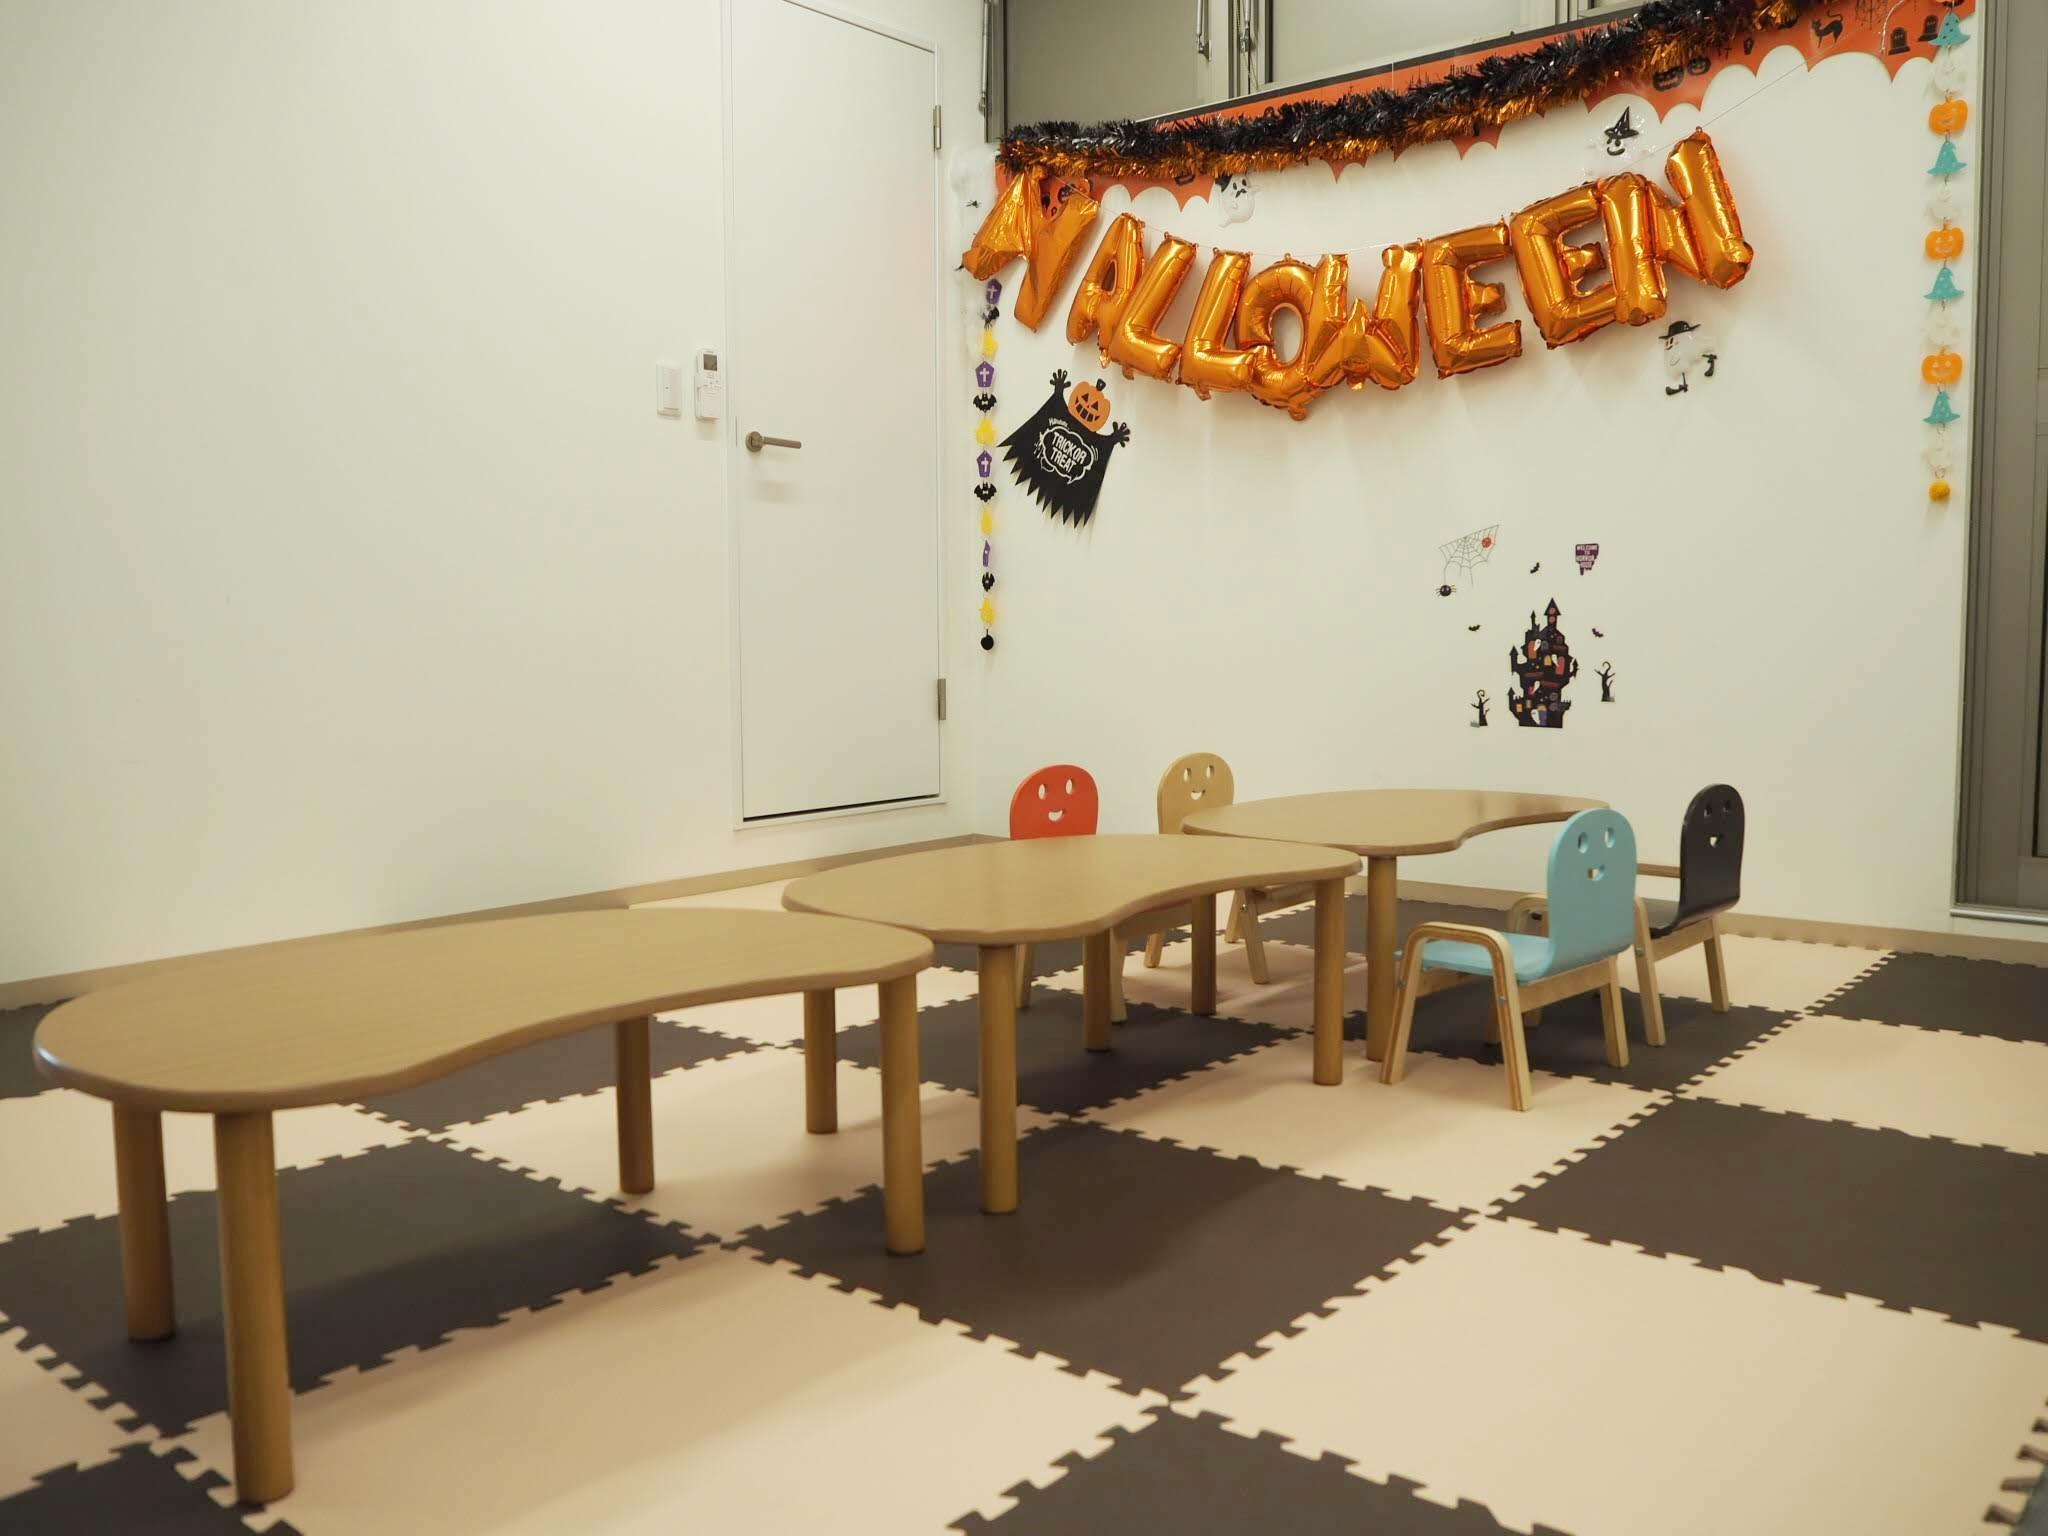 レンタルスペースはイベントやママ友会、誕生日会等で利用できる